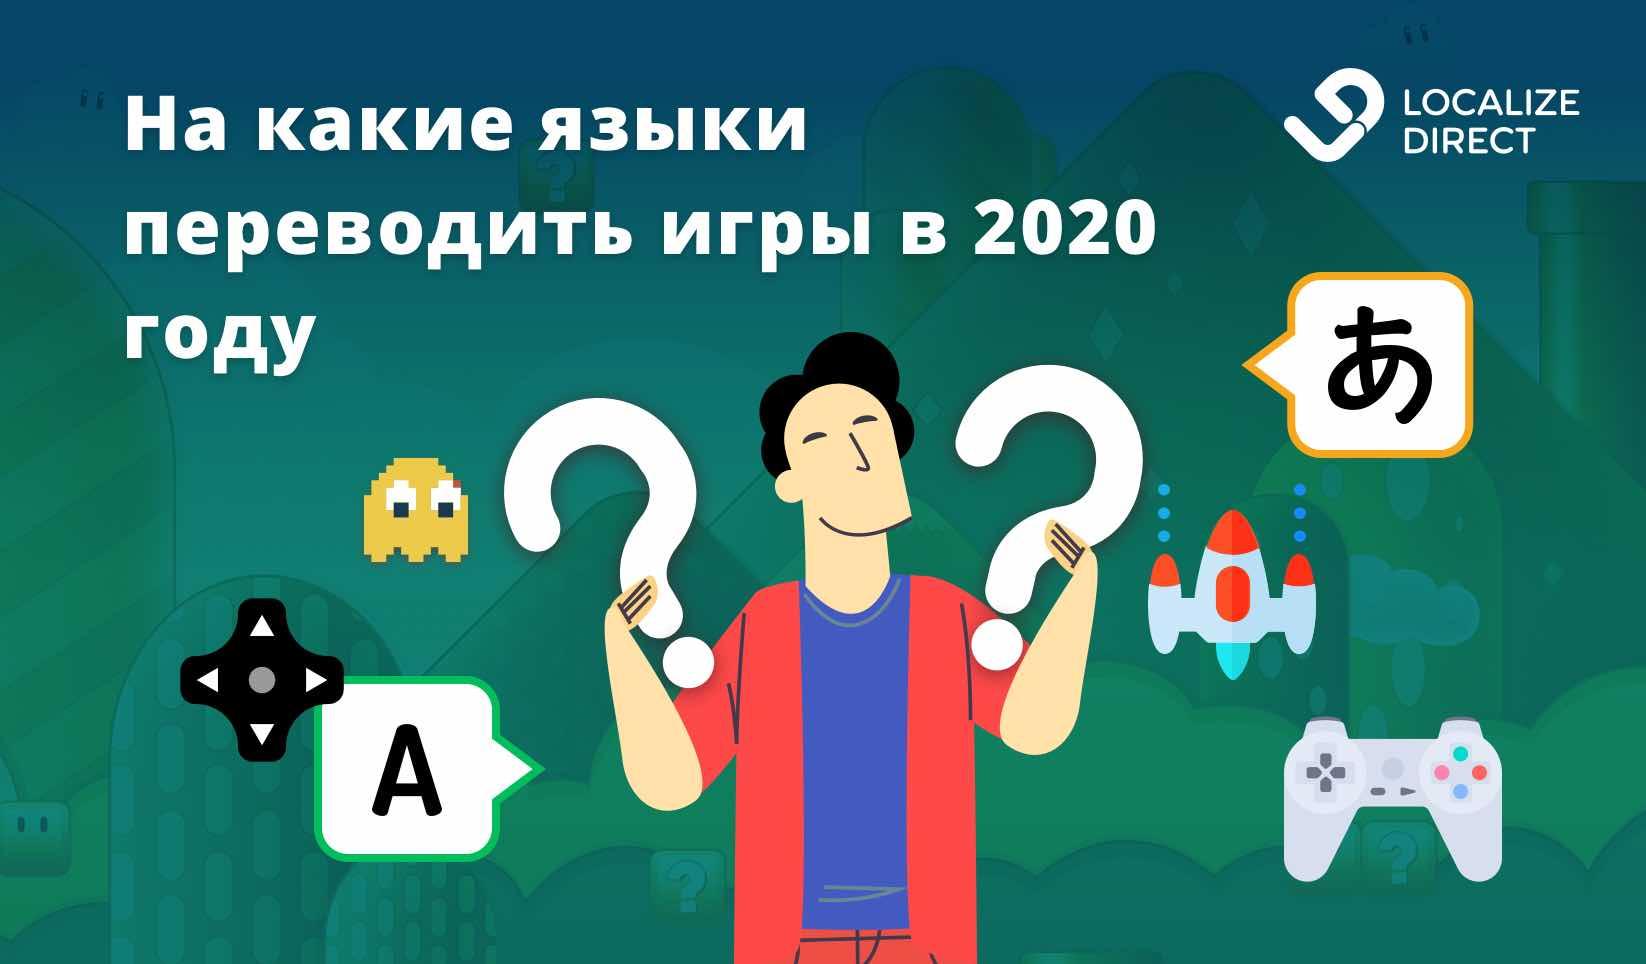 Особенности локализации игр: на какие языки переводить в 2020 году